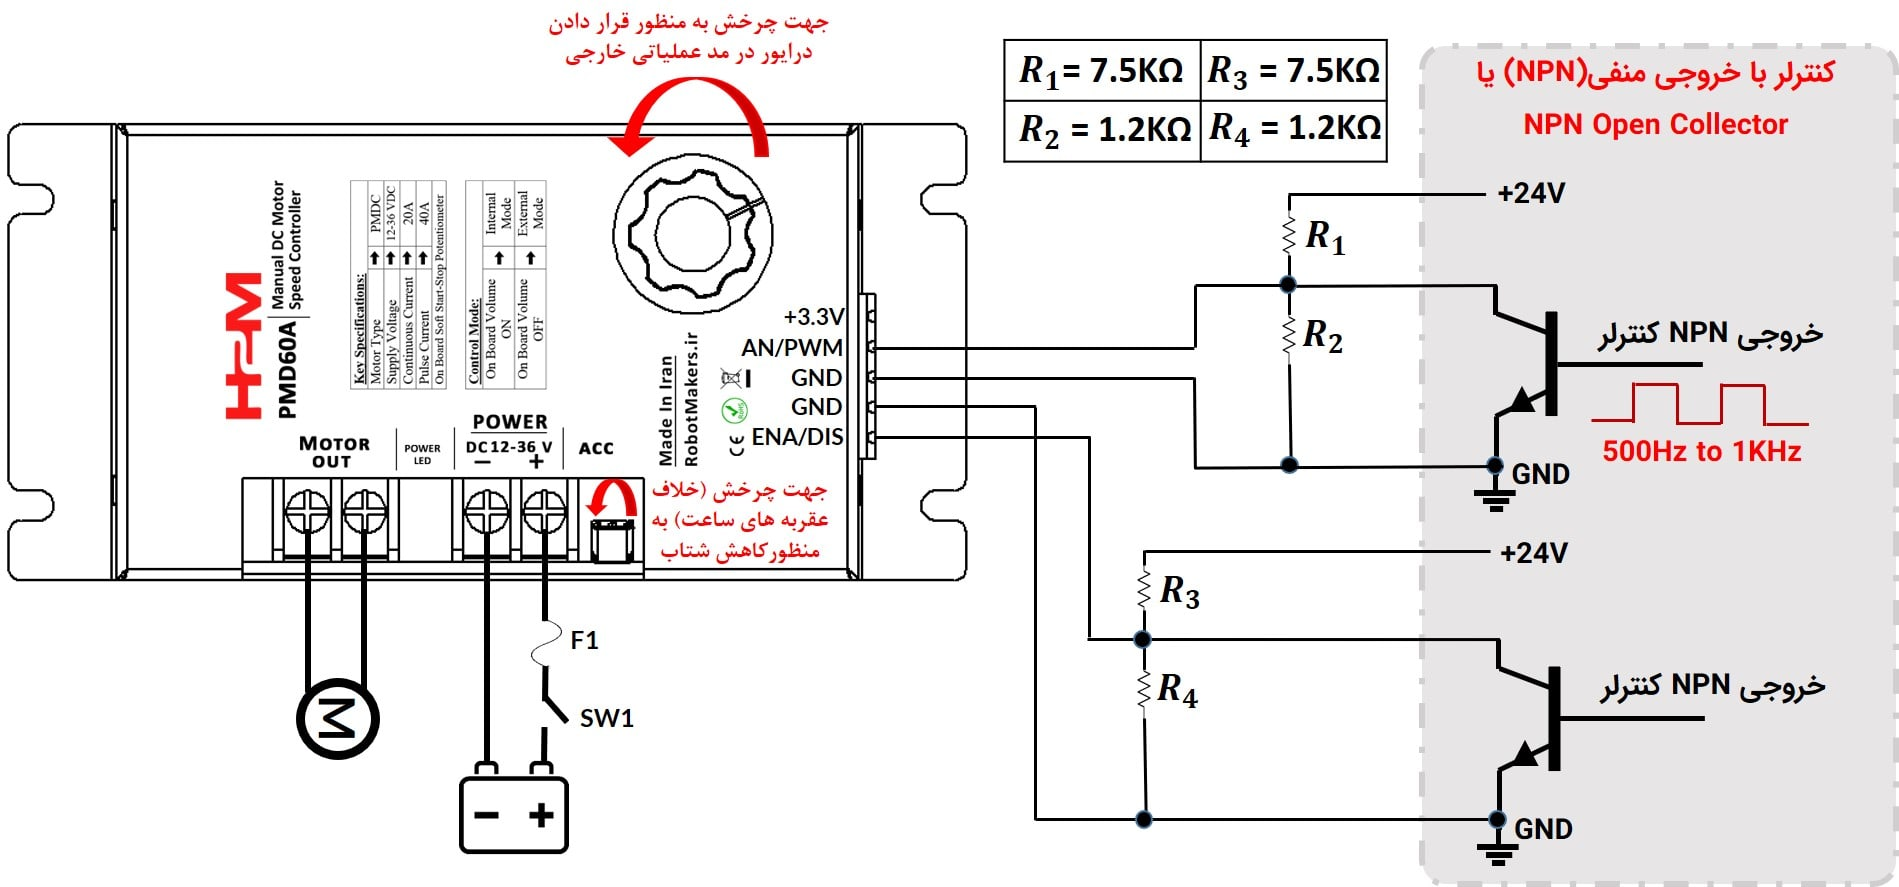 شکل ۸: کنترل درایور از طریق پالس PWM به وسیله PLC با خروجی NPN